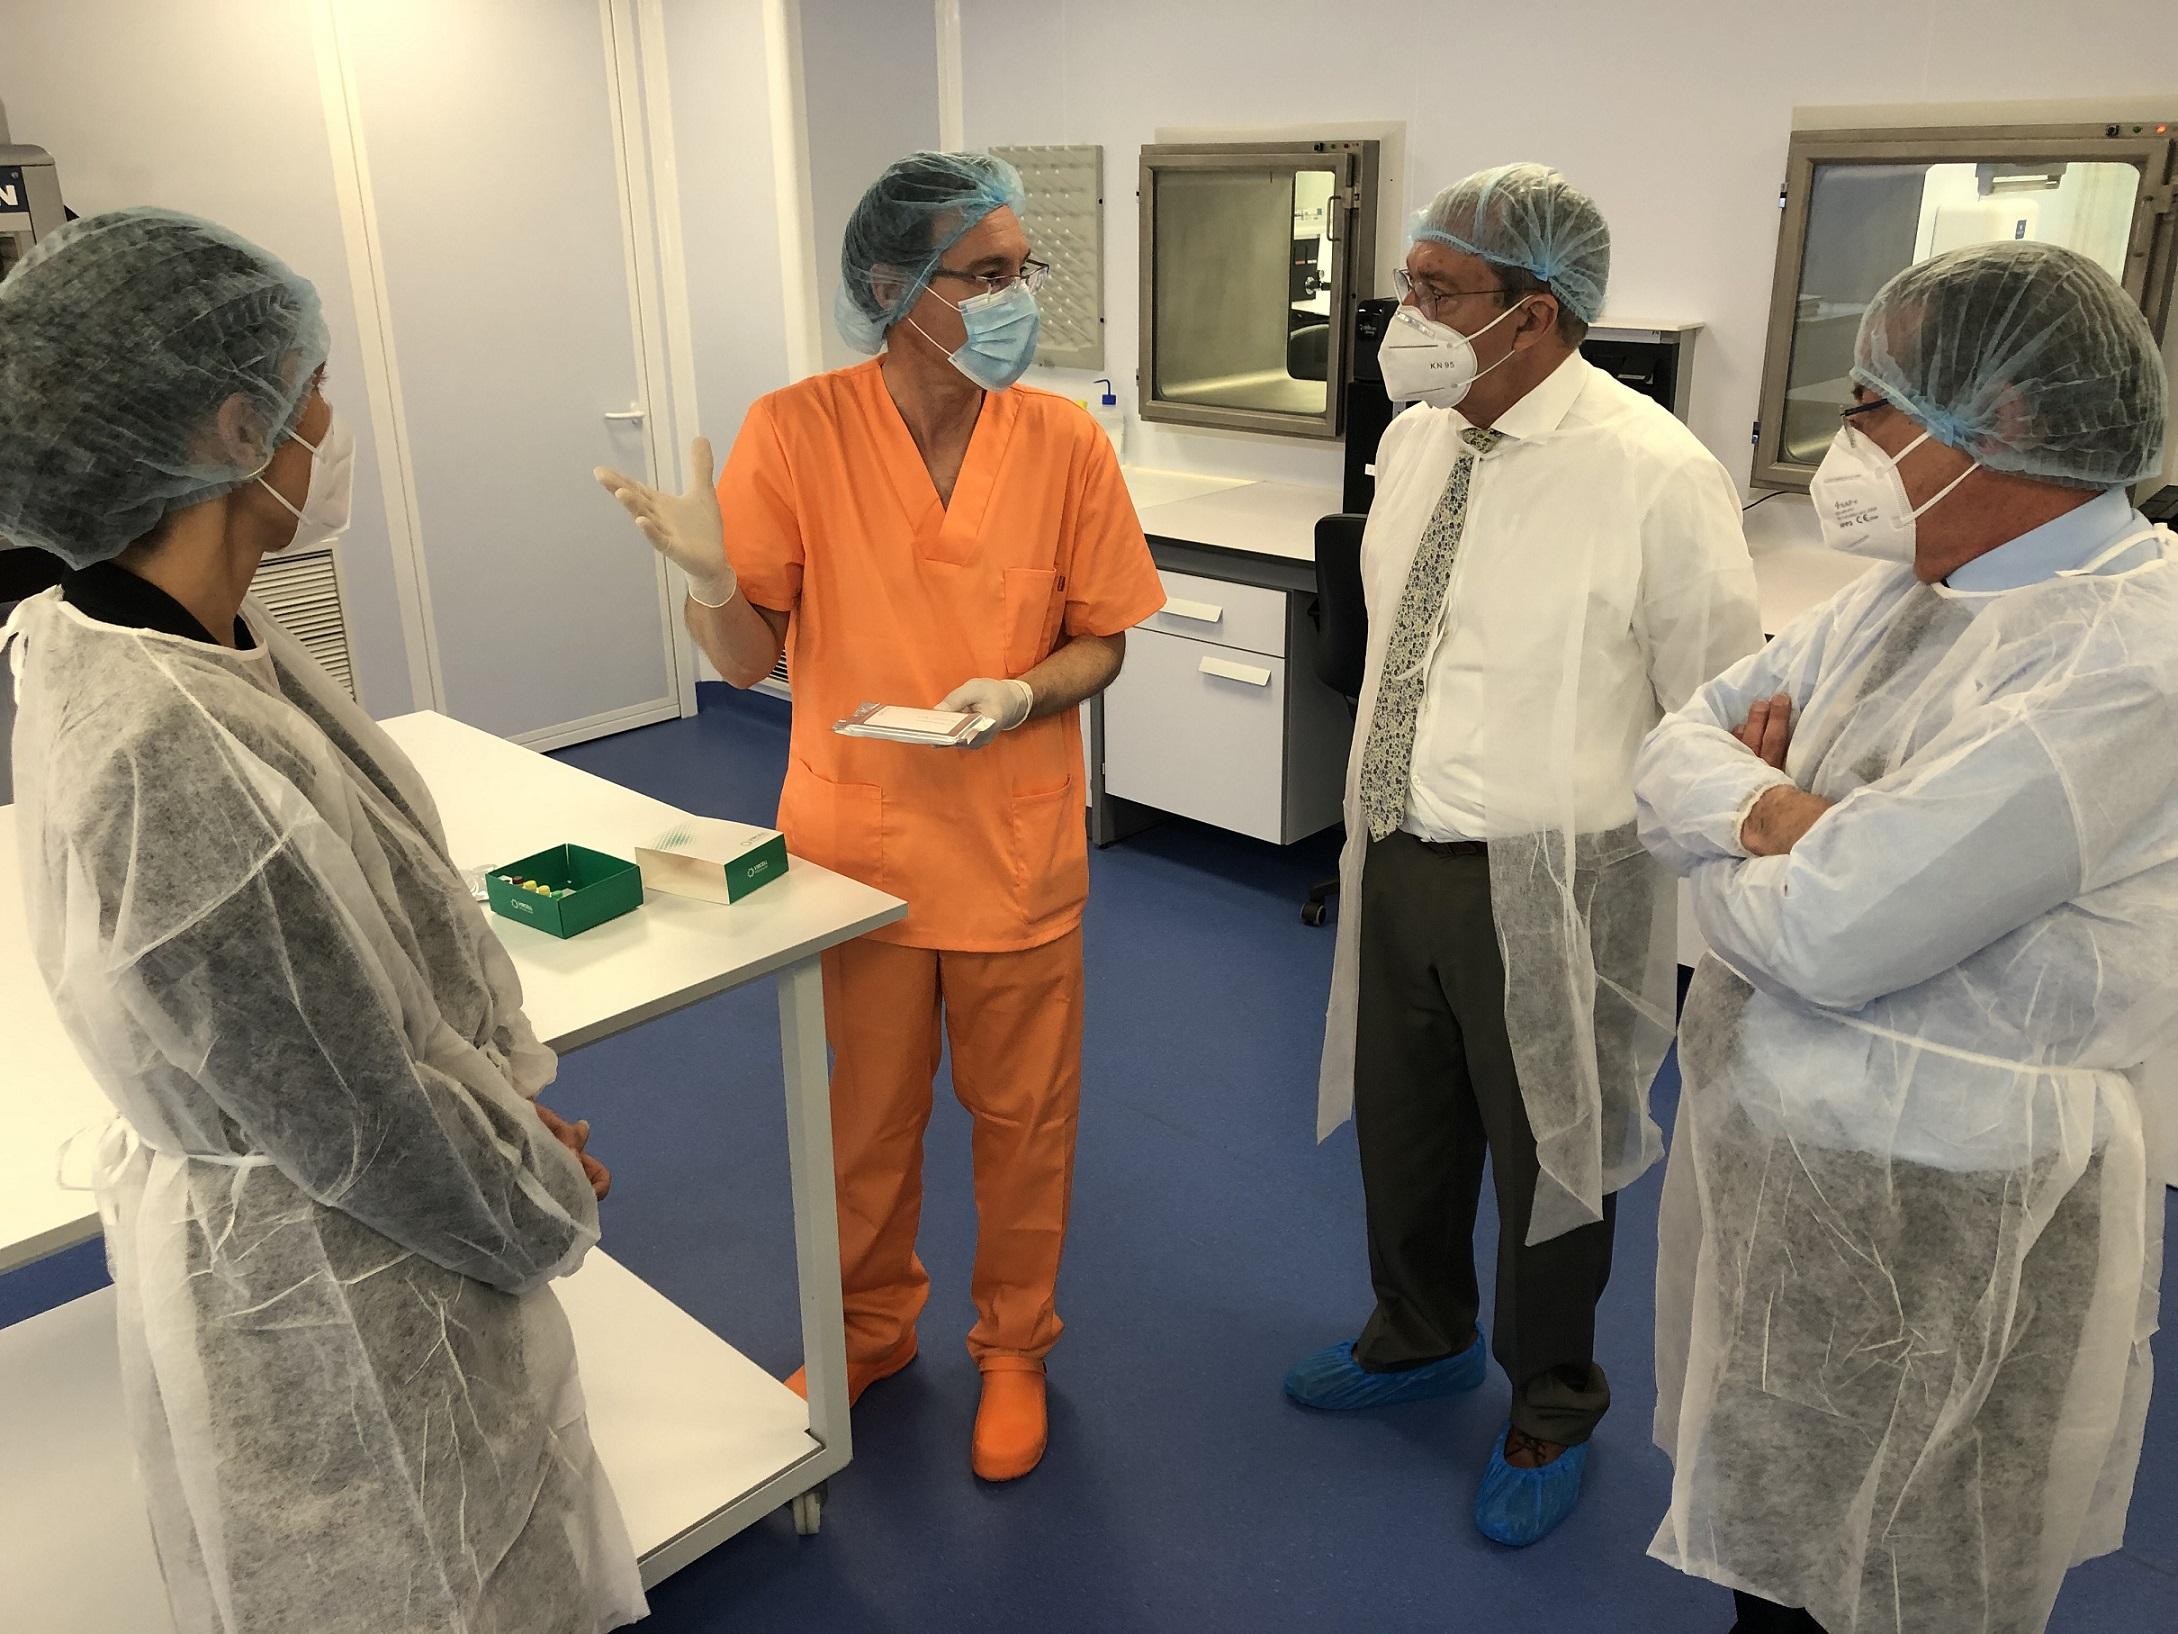 El PTS de Granada dispondrá de casi 8.000 m2 dedicados a la biotecnología puntera con la ampliación de Vircell